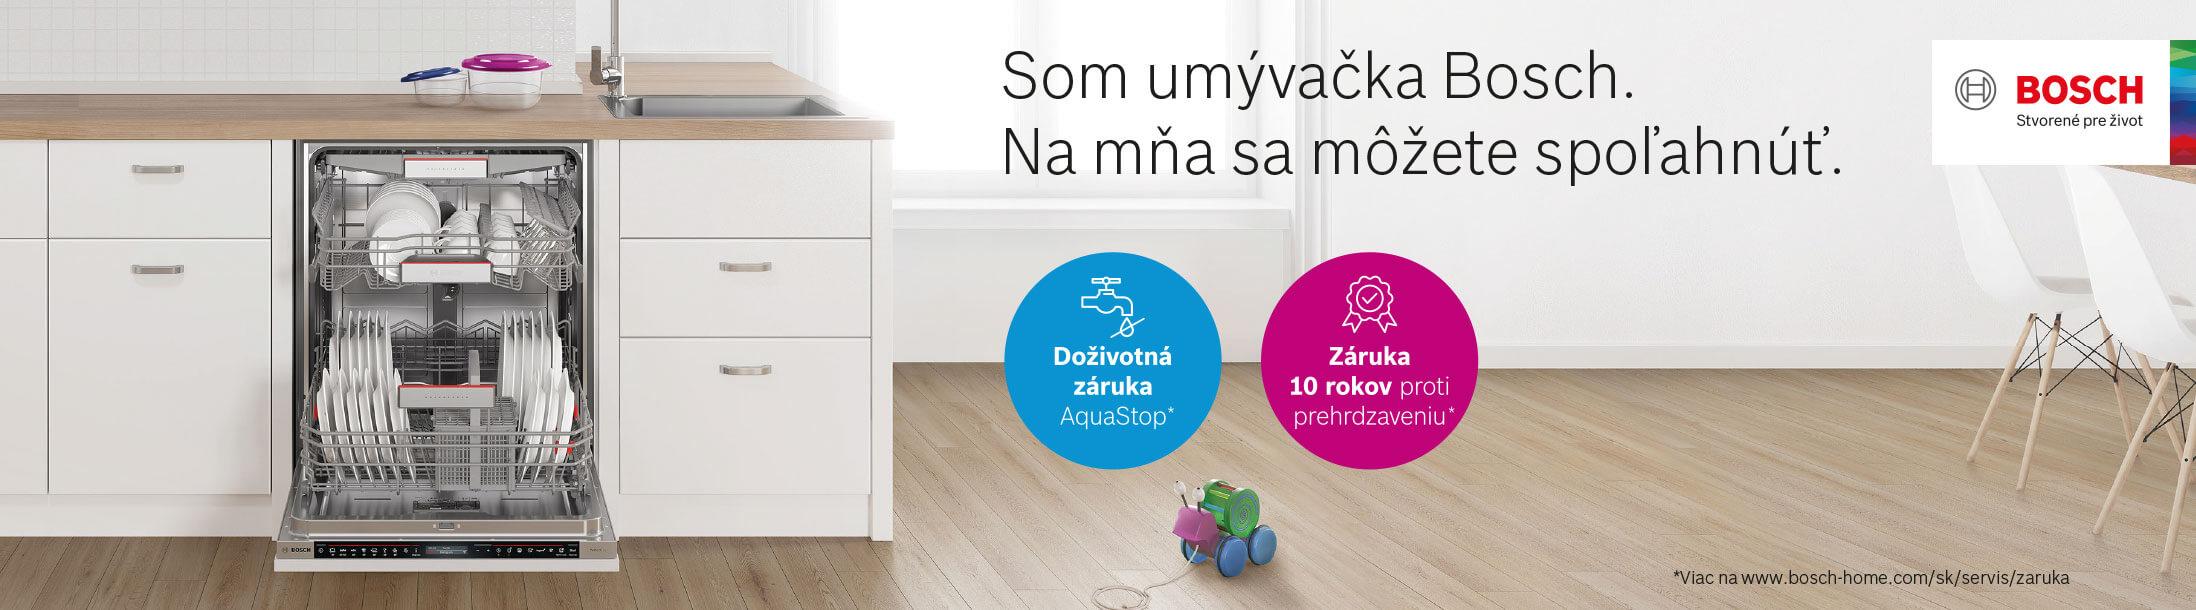 Bosch - Umývačky riadu - Doživotná záruka na AquaStop